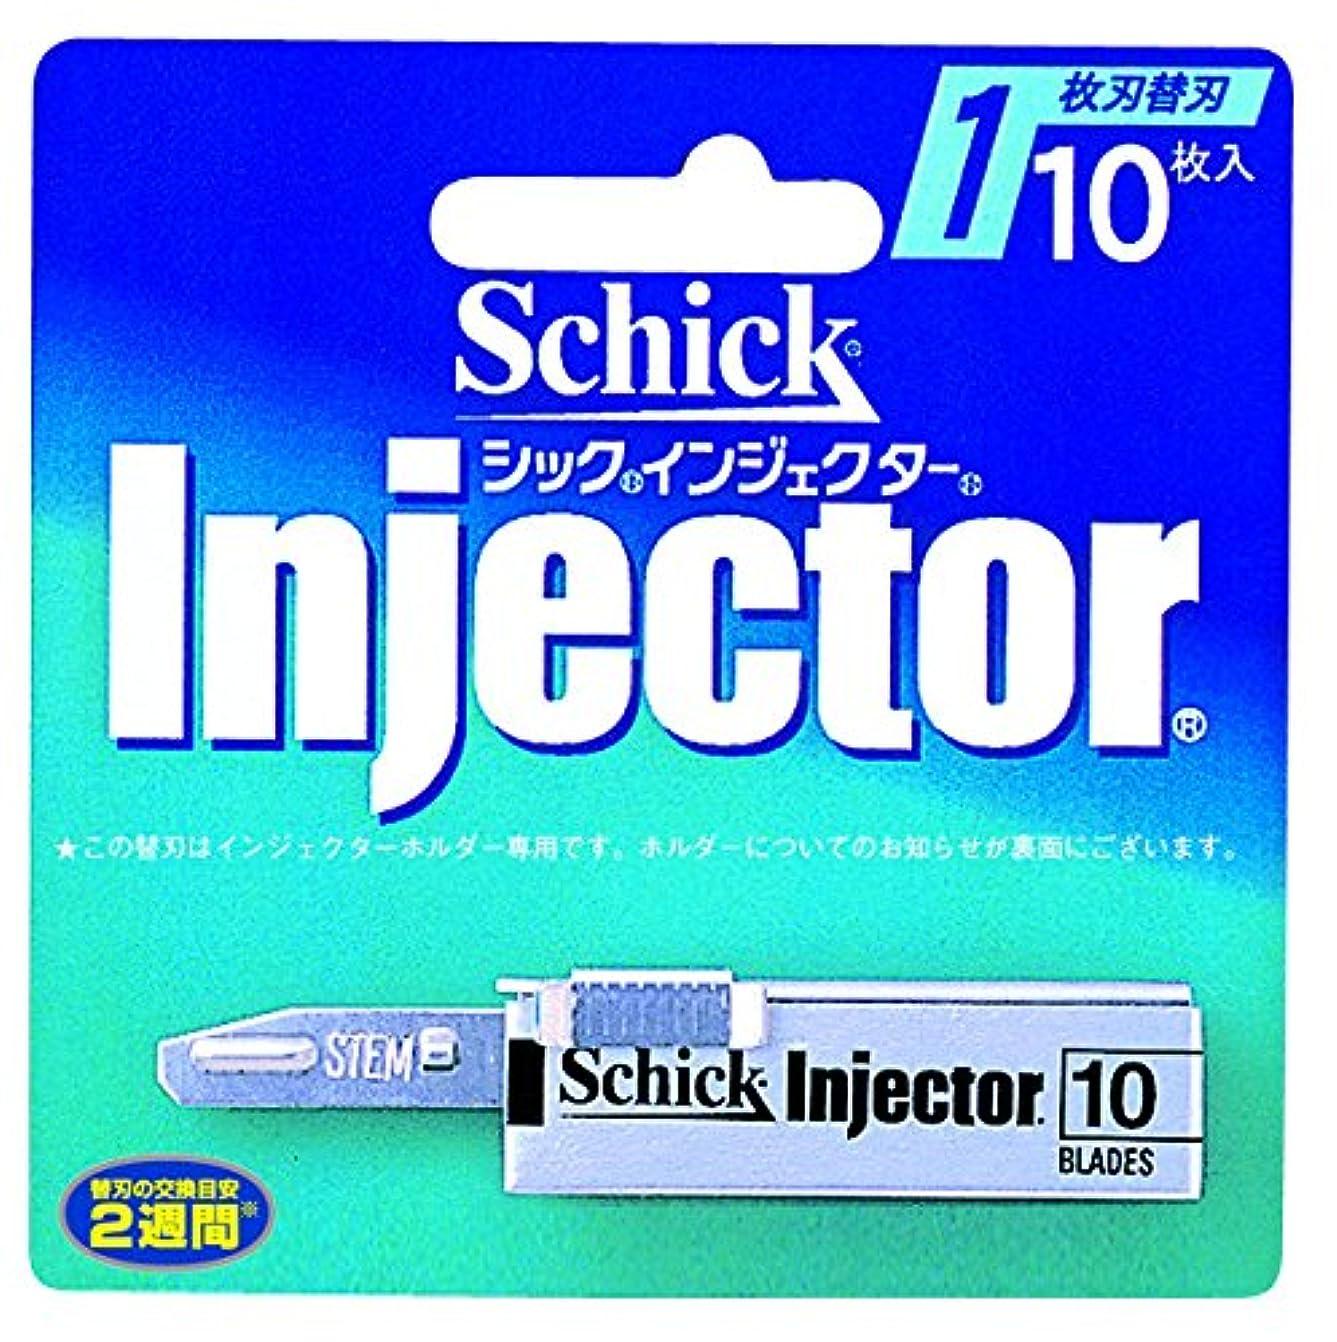 鼓舞するスキム国籍シック インジェクター替刃(10枚入り)